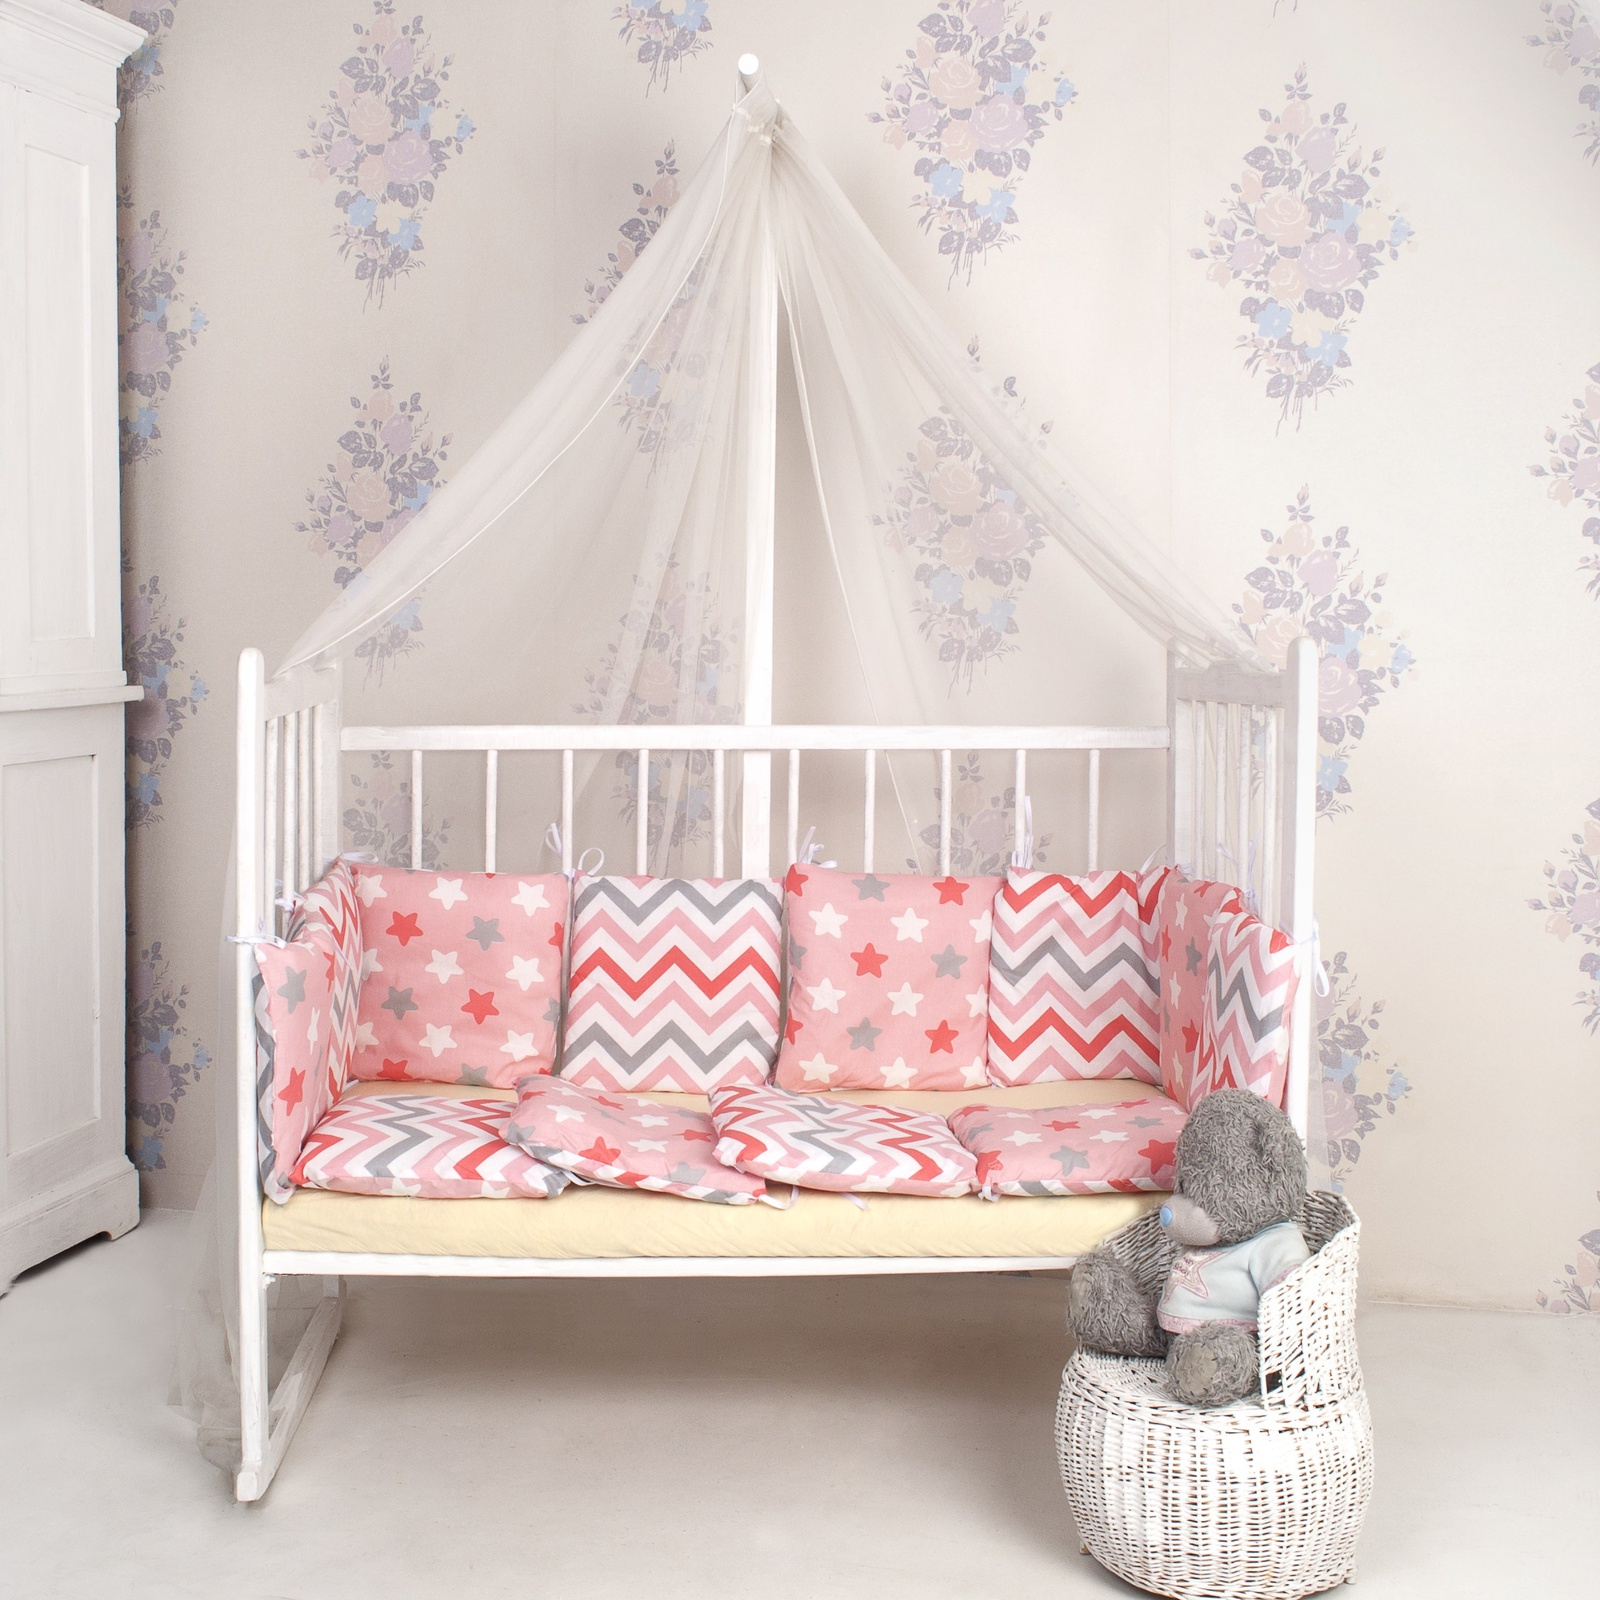 Комплект в кроватку ТК Традиция бортики в кроватку поплин, розовый, коралловый, белый, серый